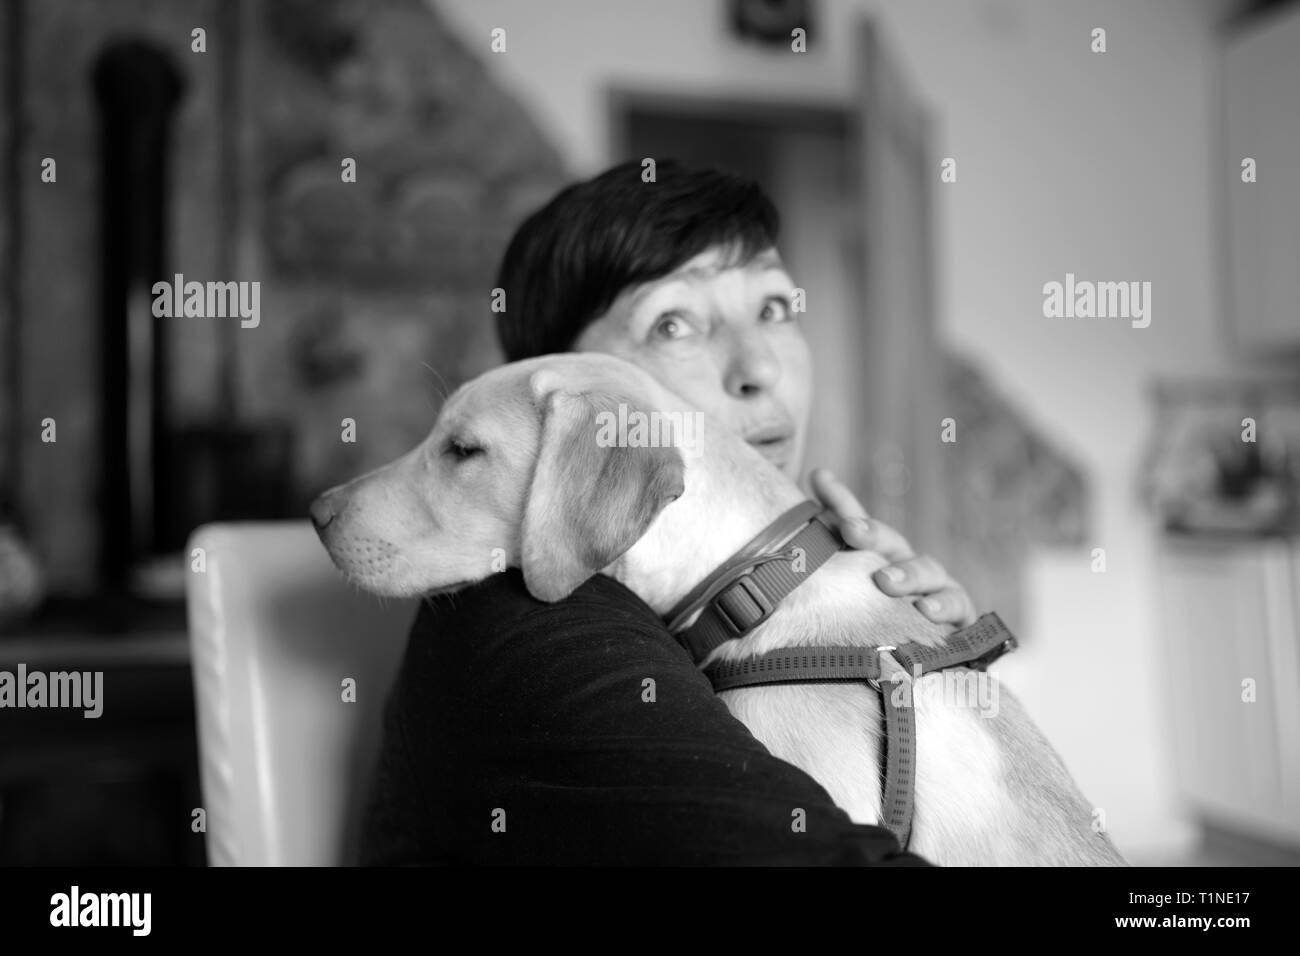 Dog love dog hug black and white photo stock image